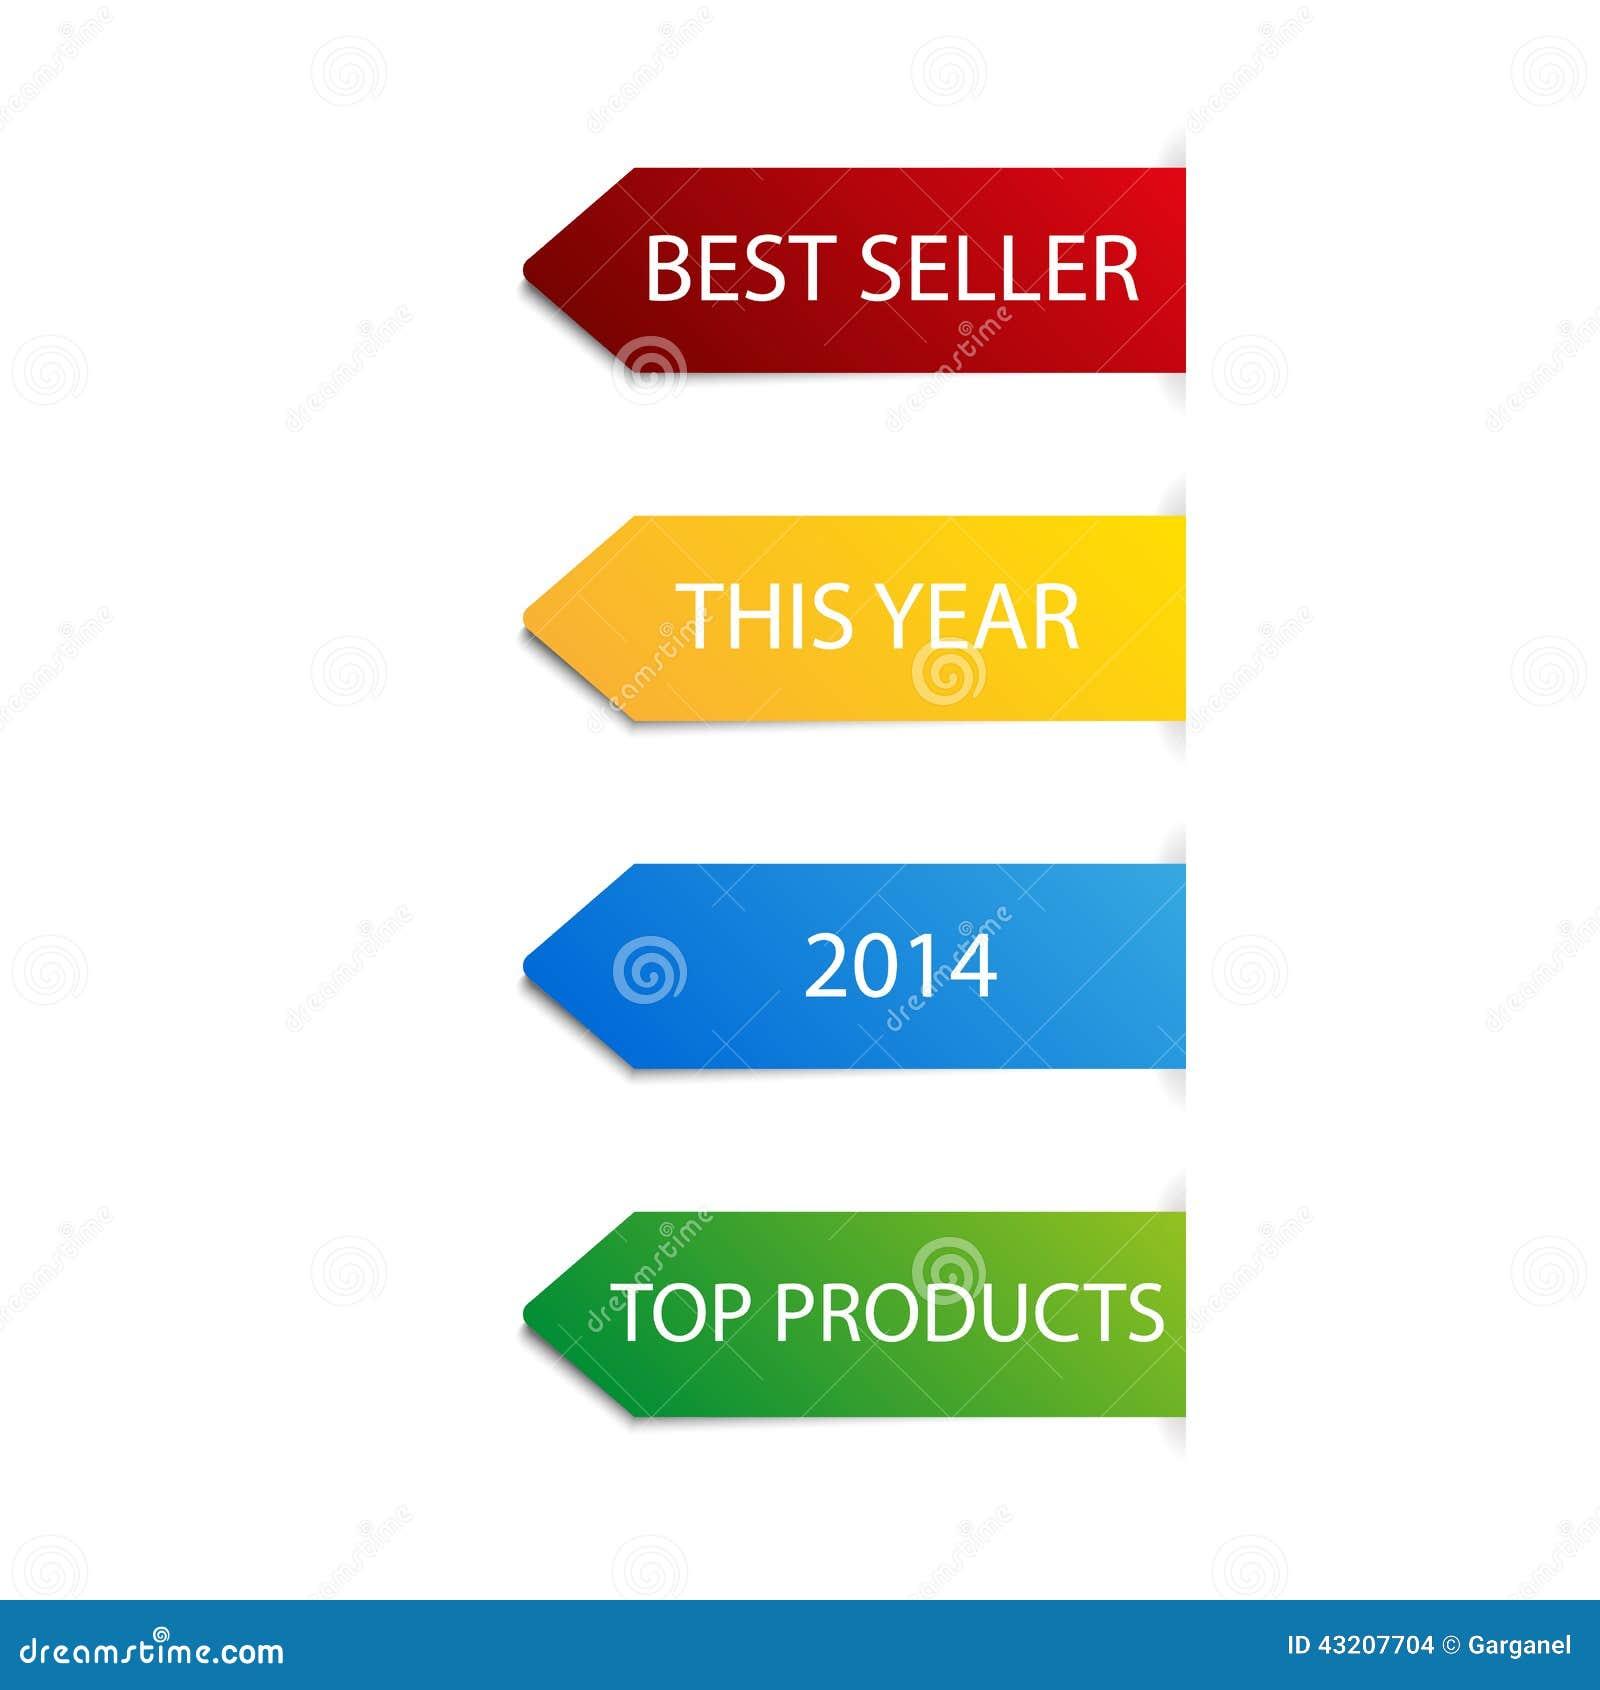 Download Pilar För Vektorfärgförsäljning Stock Illustrationer - Illustration av affär, symboler: 43207704